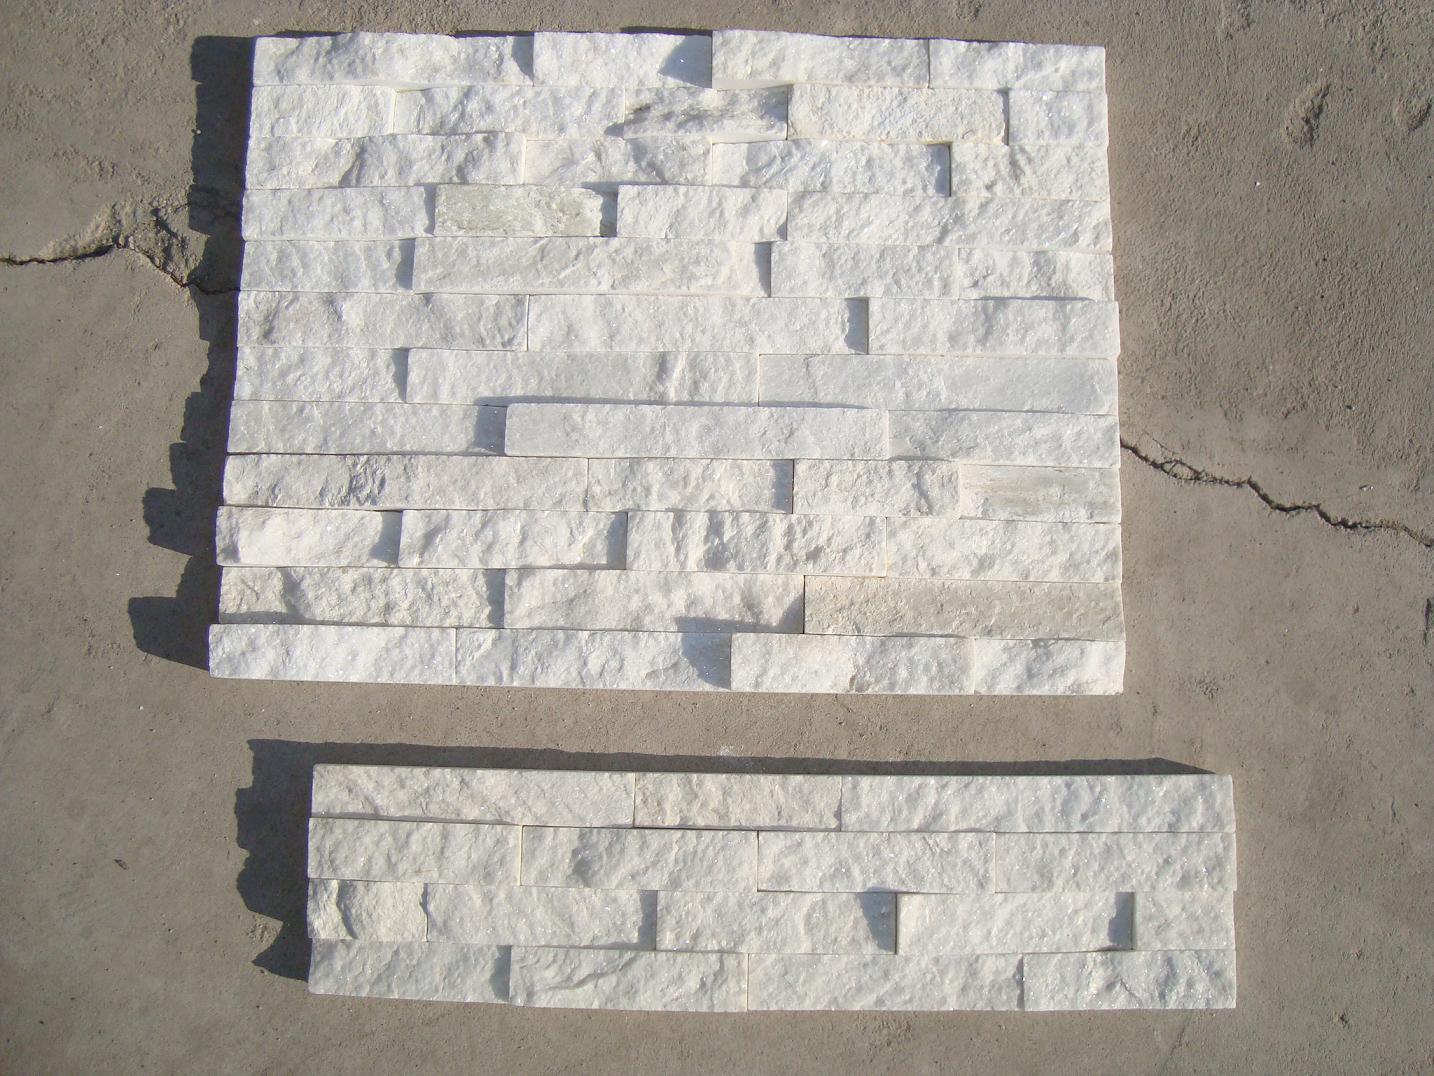 Pierre de culture d 39 ardoise pierre blanche d 39 ardoise pierre de culture d 39 ardoise pierre for Pierre d ardoise